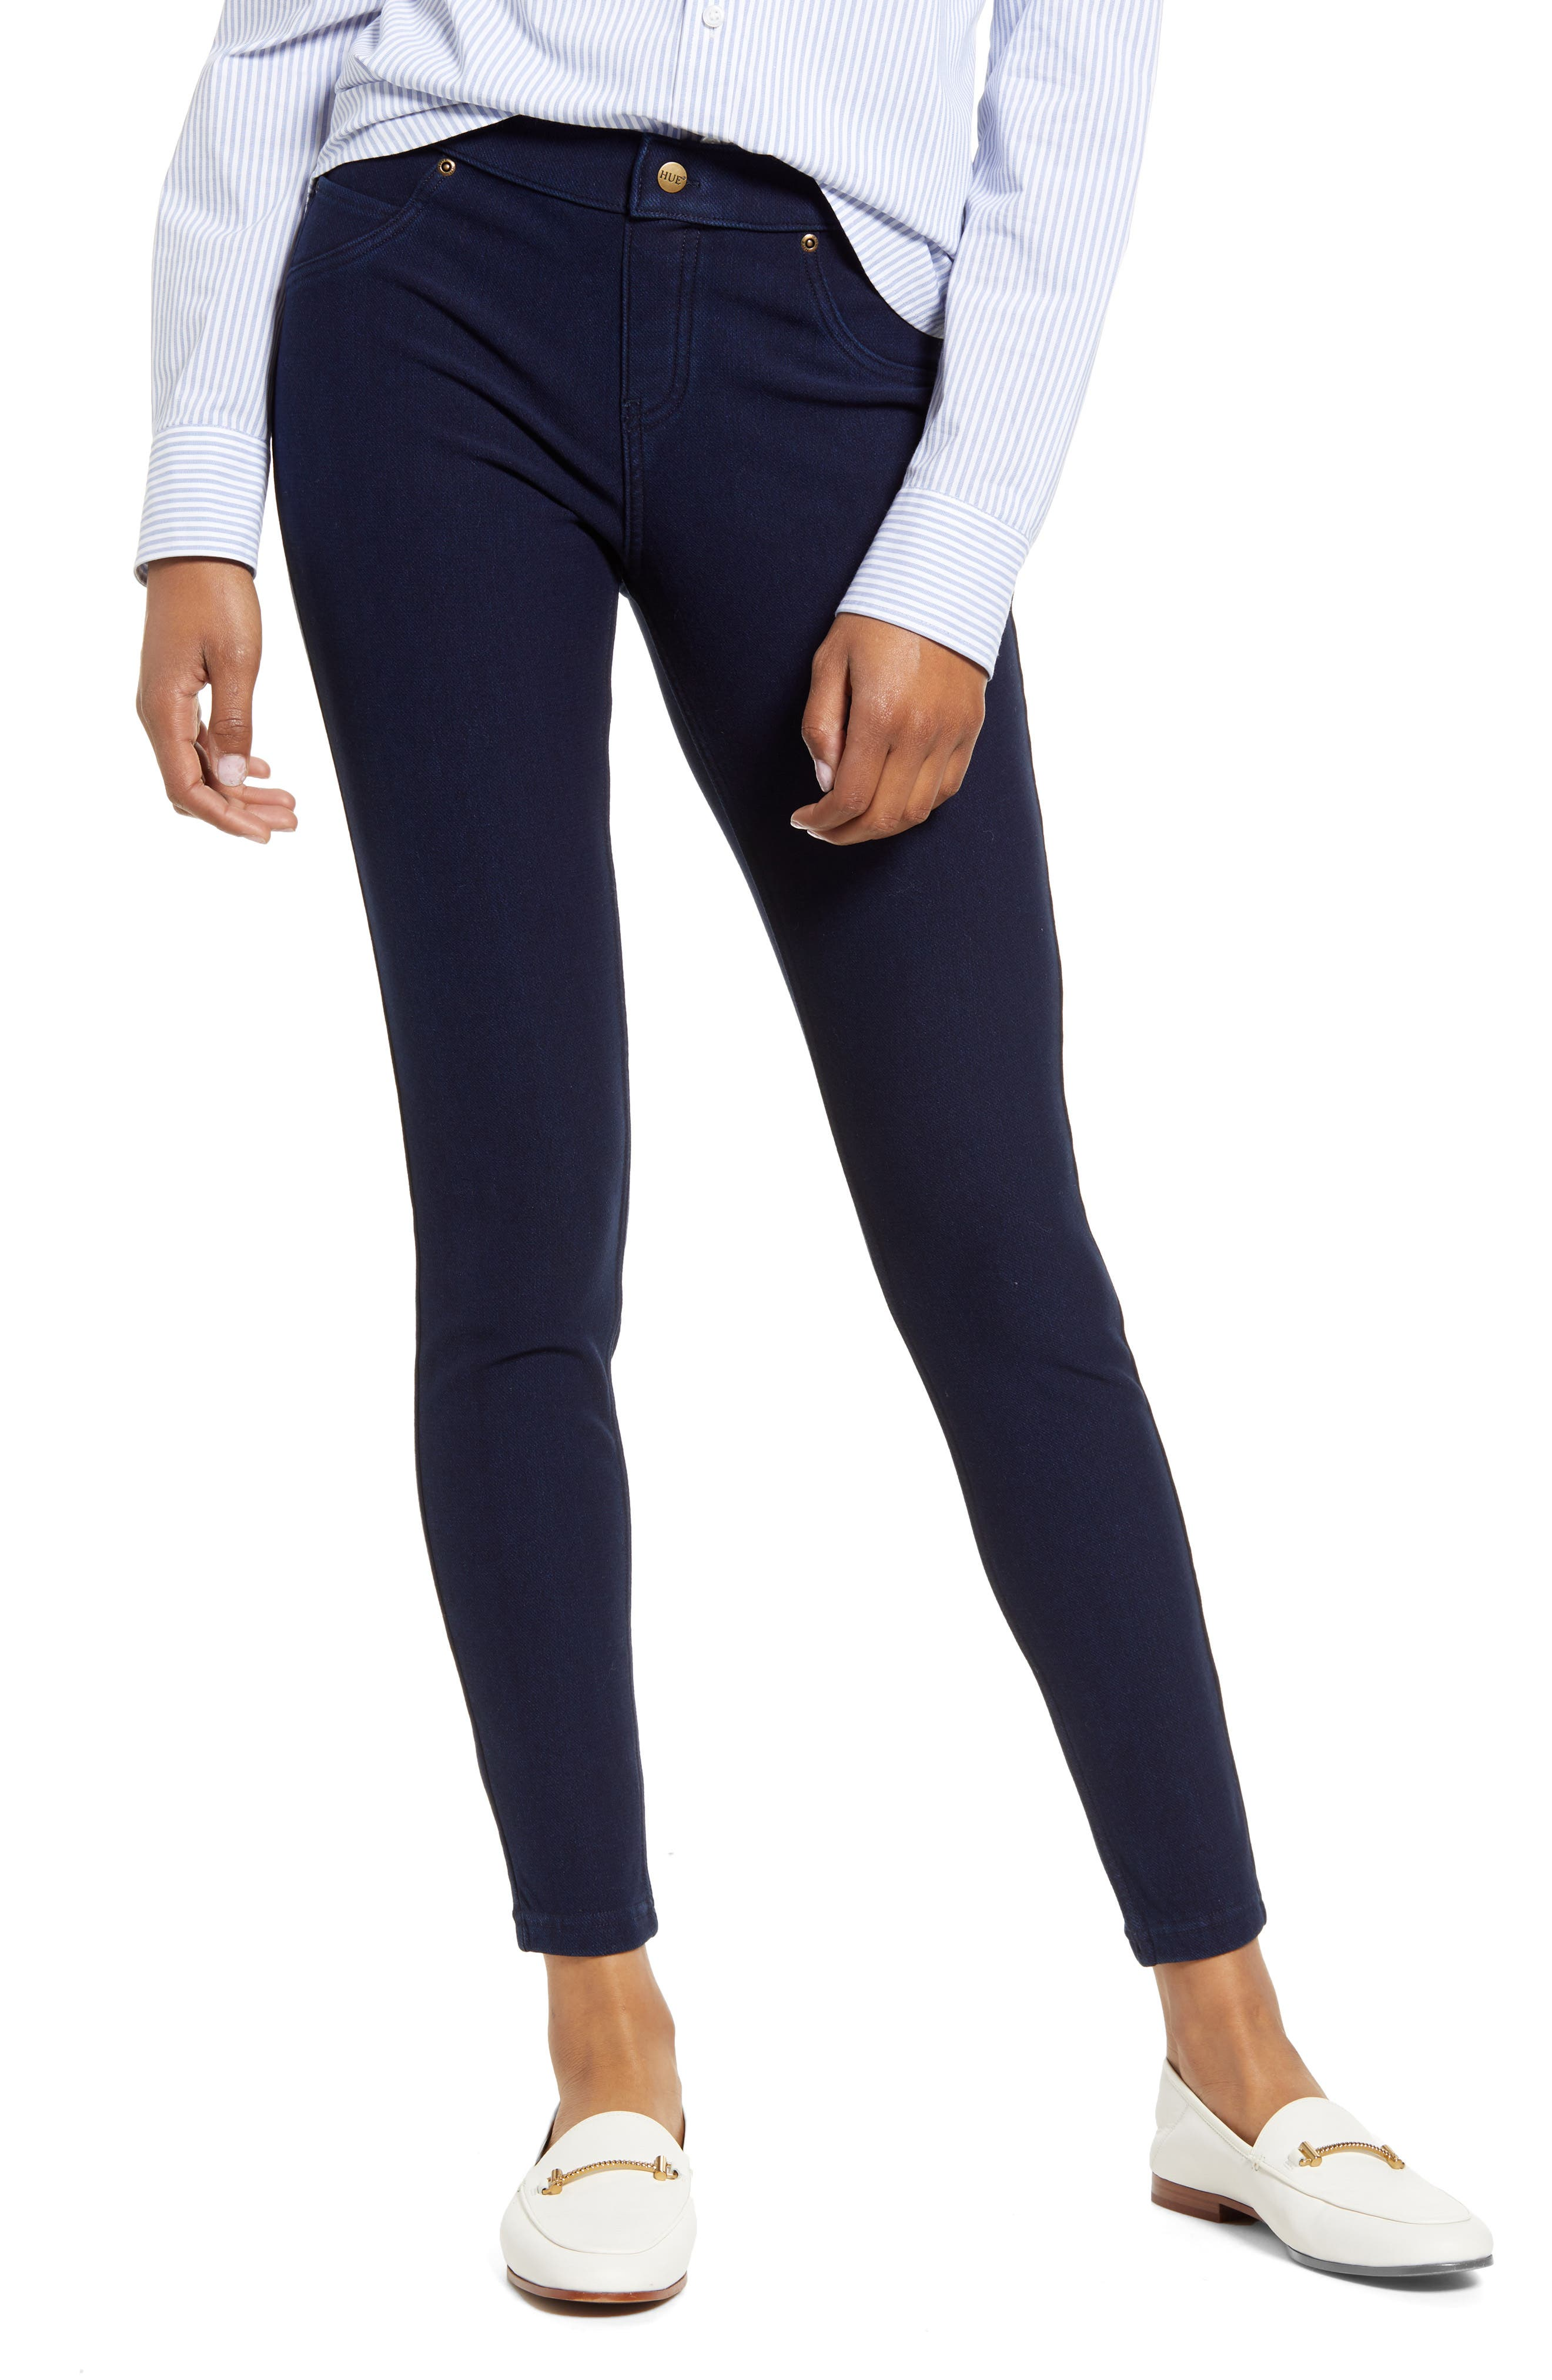 Hue Womens Denim Culotte Leggings Pants